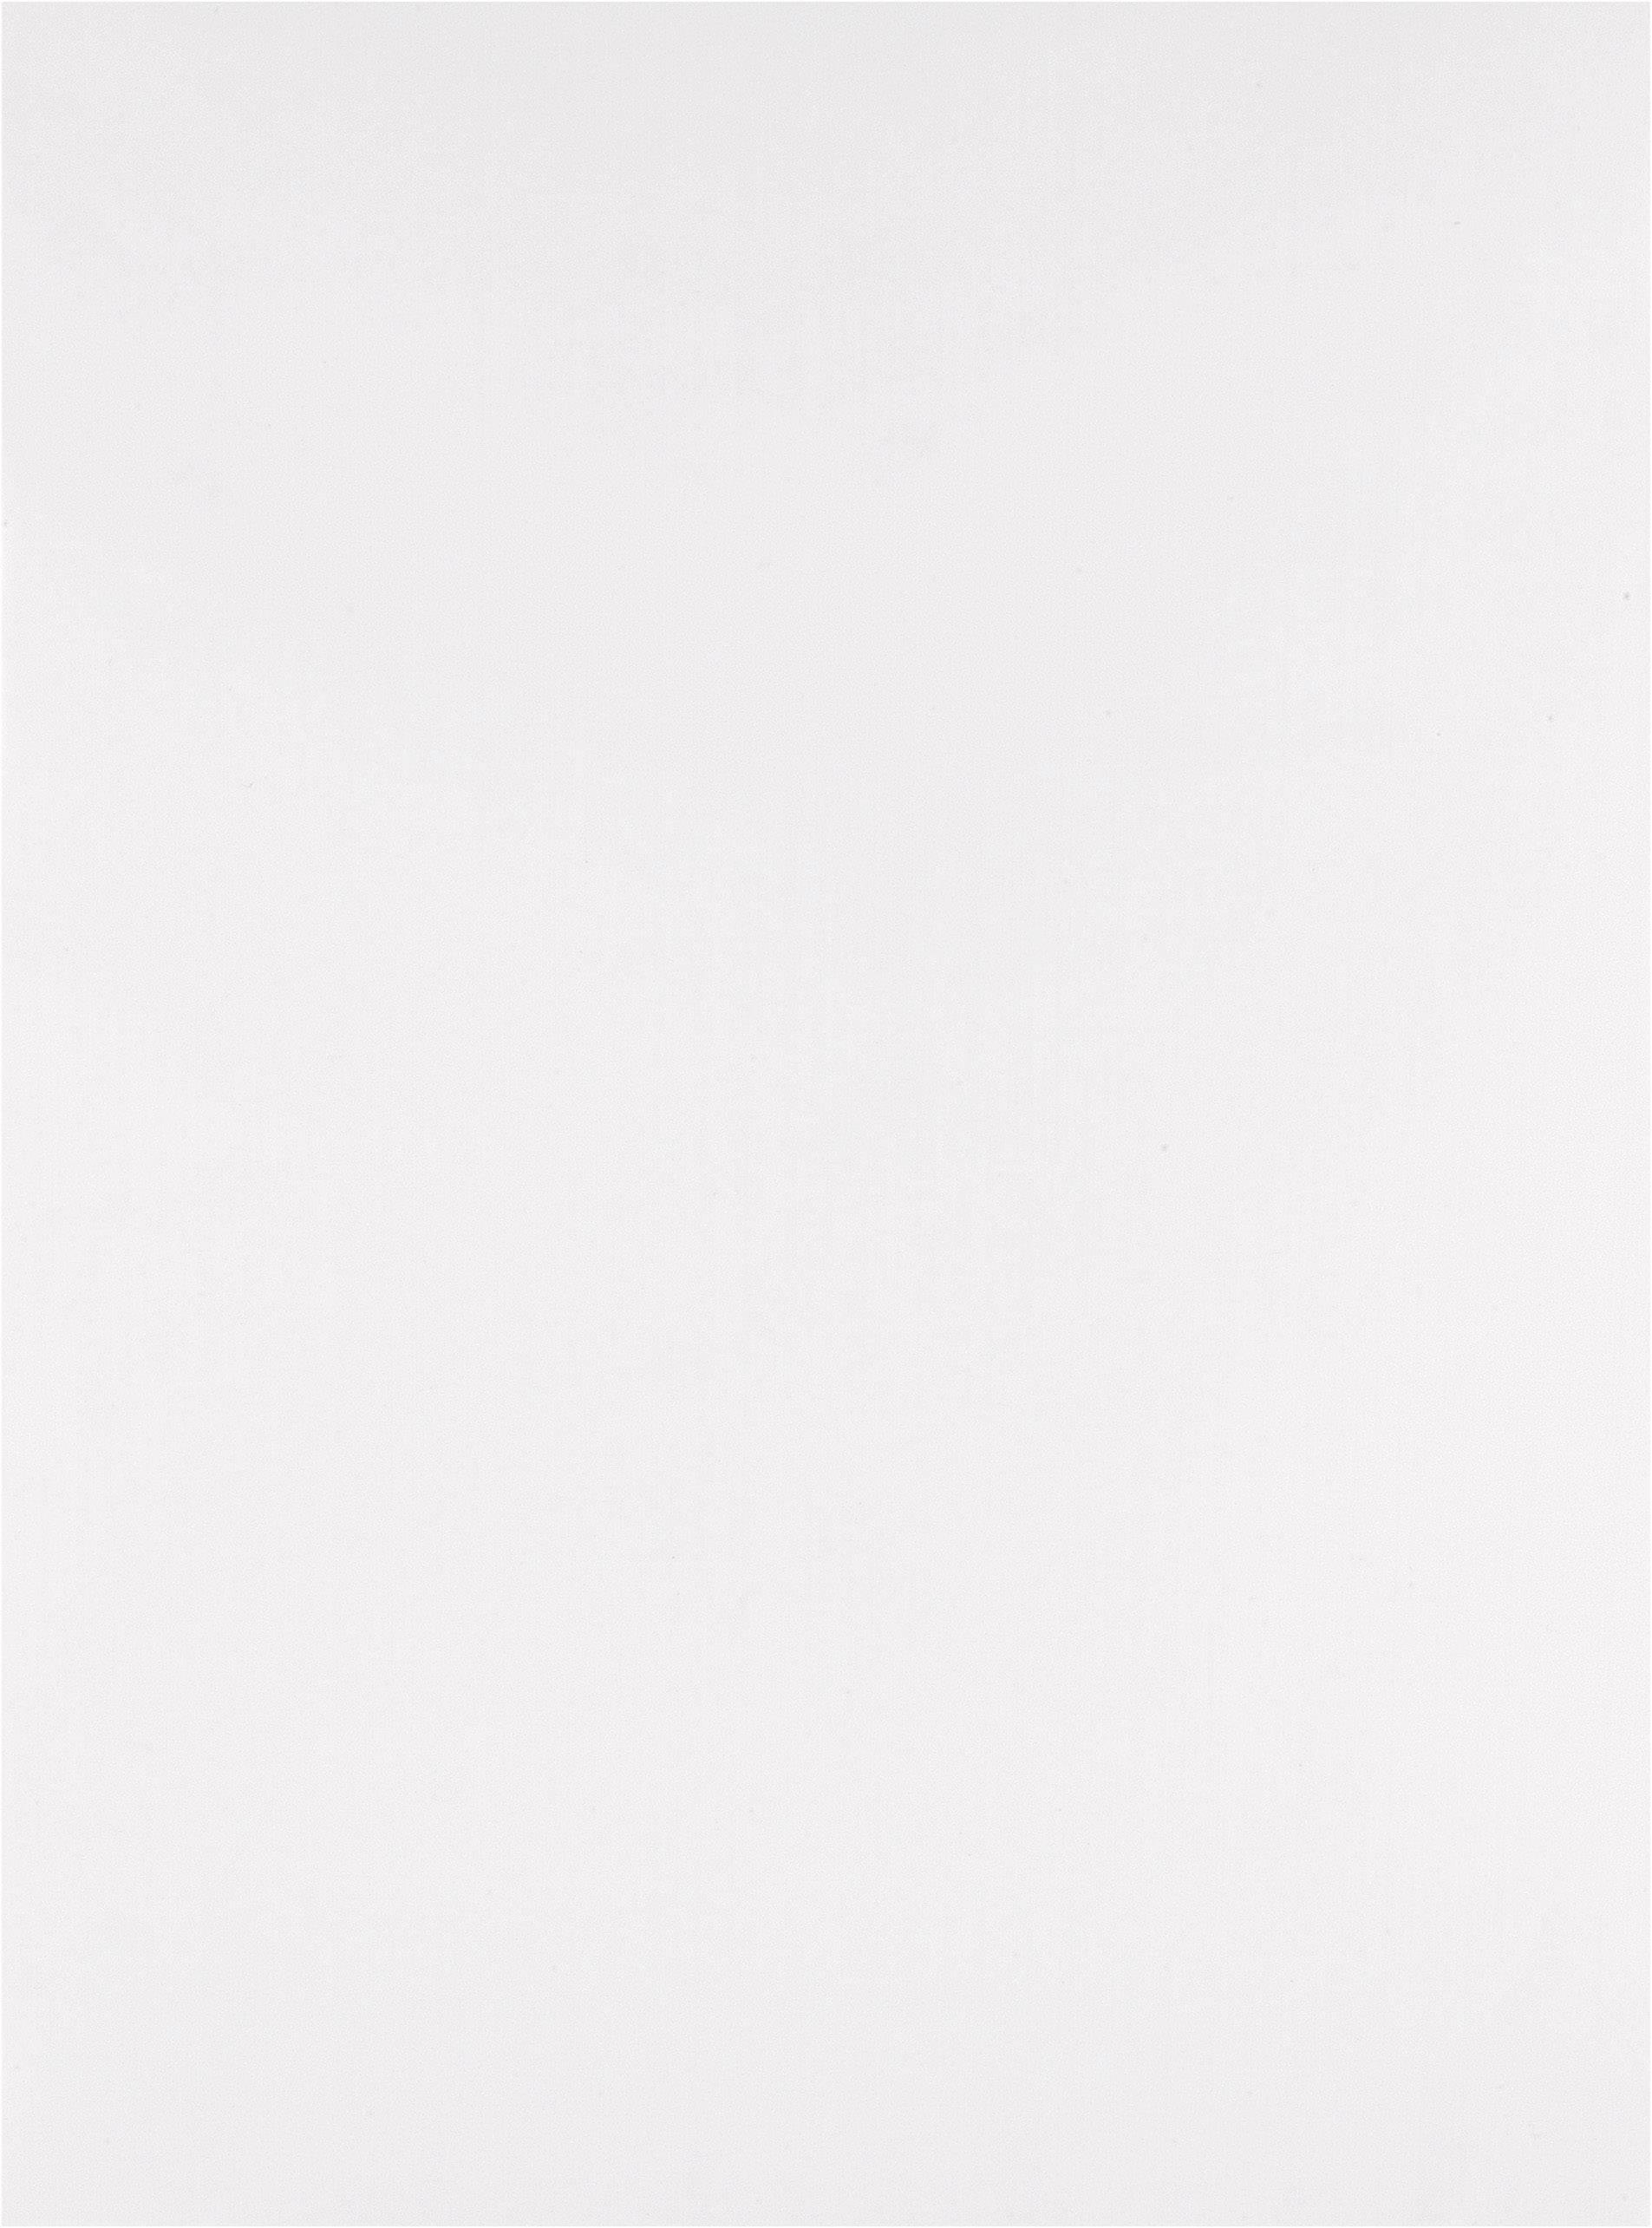 Polyesterová fólia s vrstvou 528428